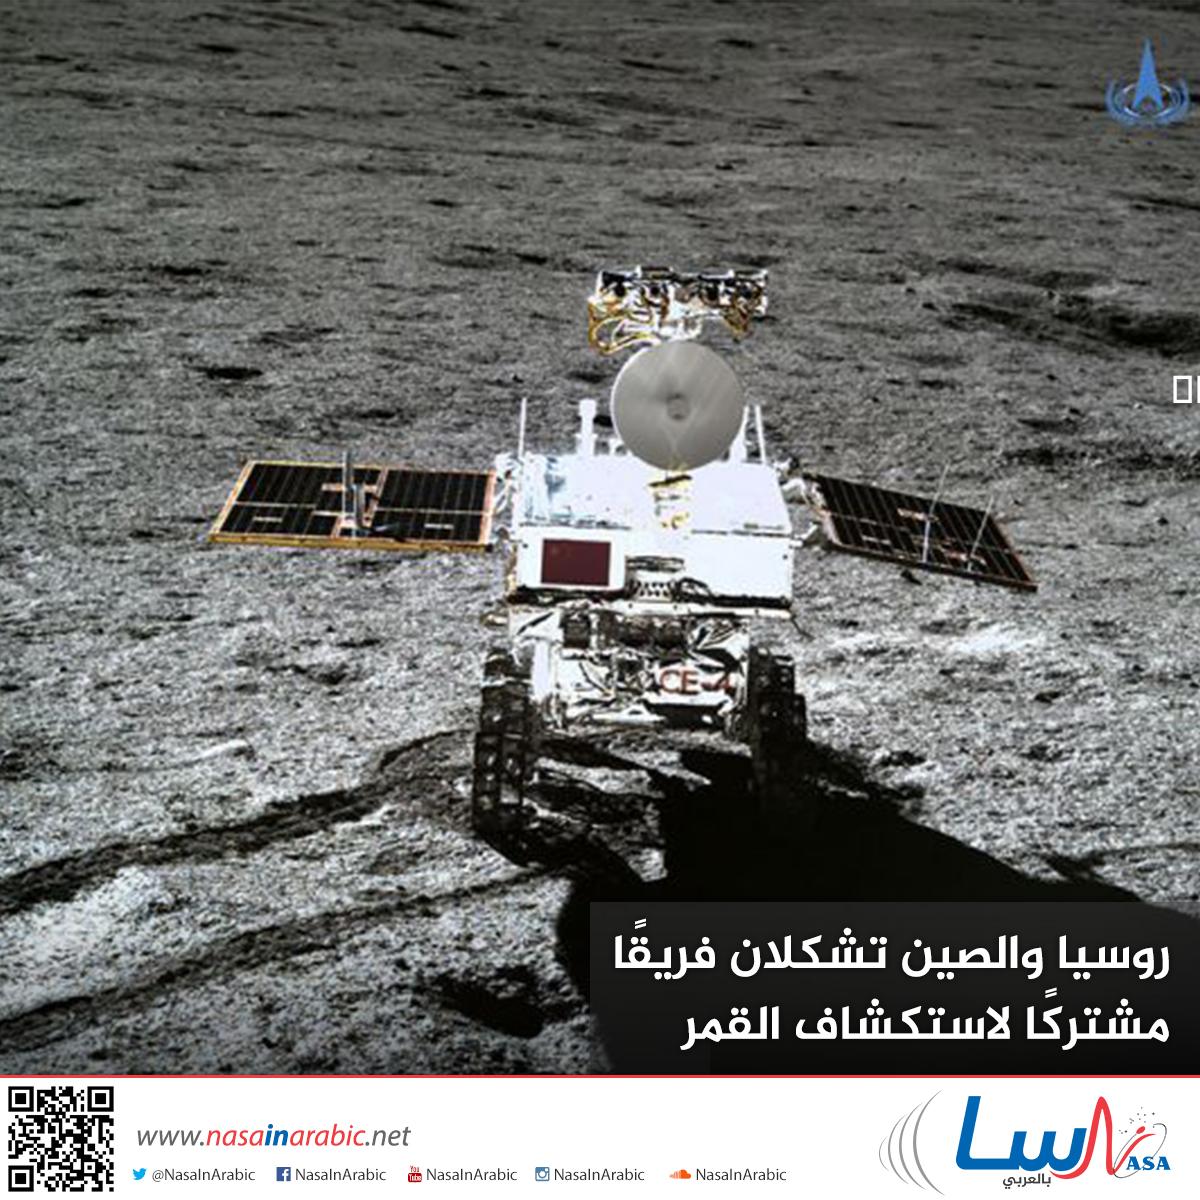 روسيا والصين تشكلان فريقًا مشتركًا لاستكشاف القمر